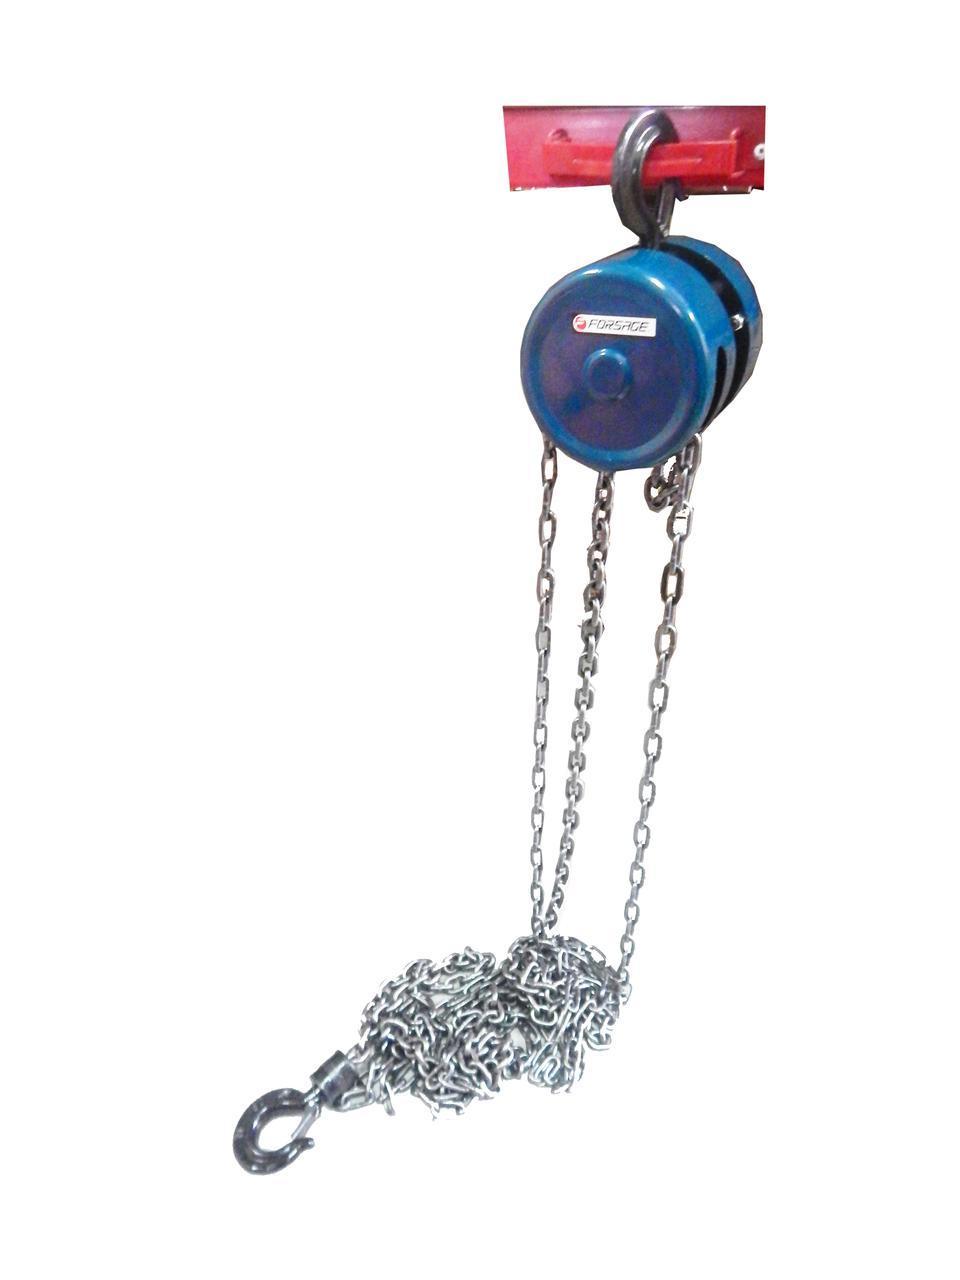 Лебедка механическая подвесная с фиксацией цепи натяжения, 3т (длина цепи - 3м)